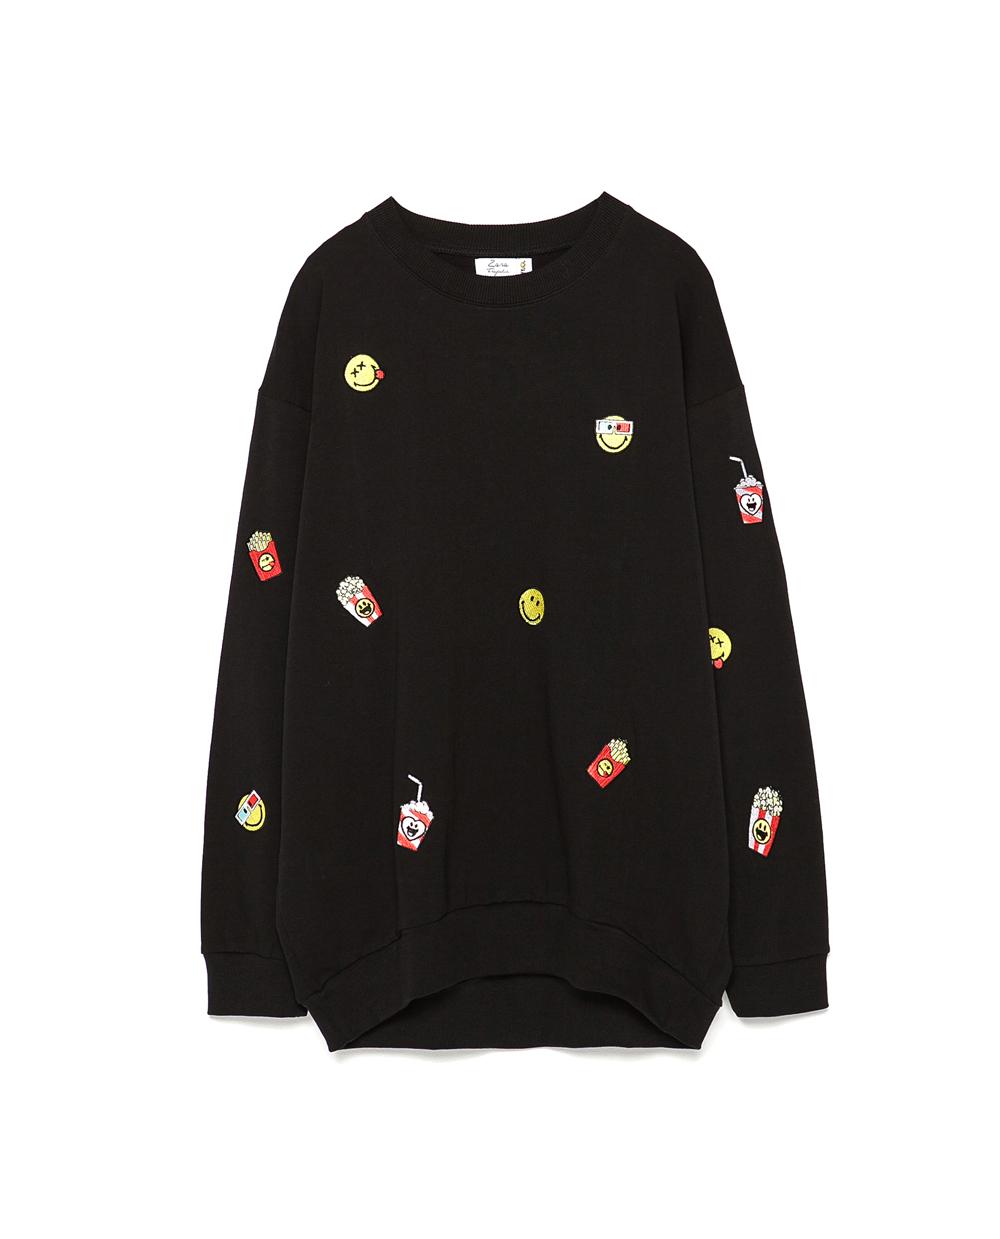 Zara Convoca Smiley Per Una T-shirt